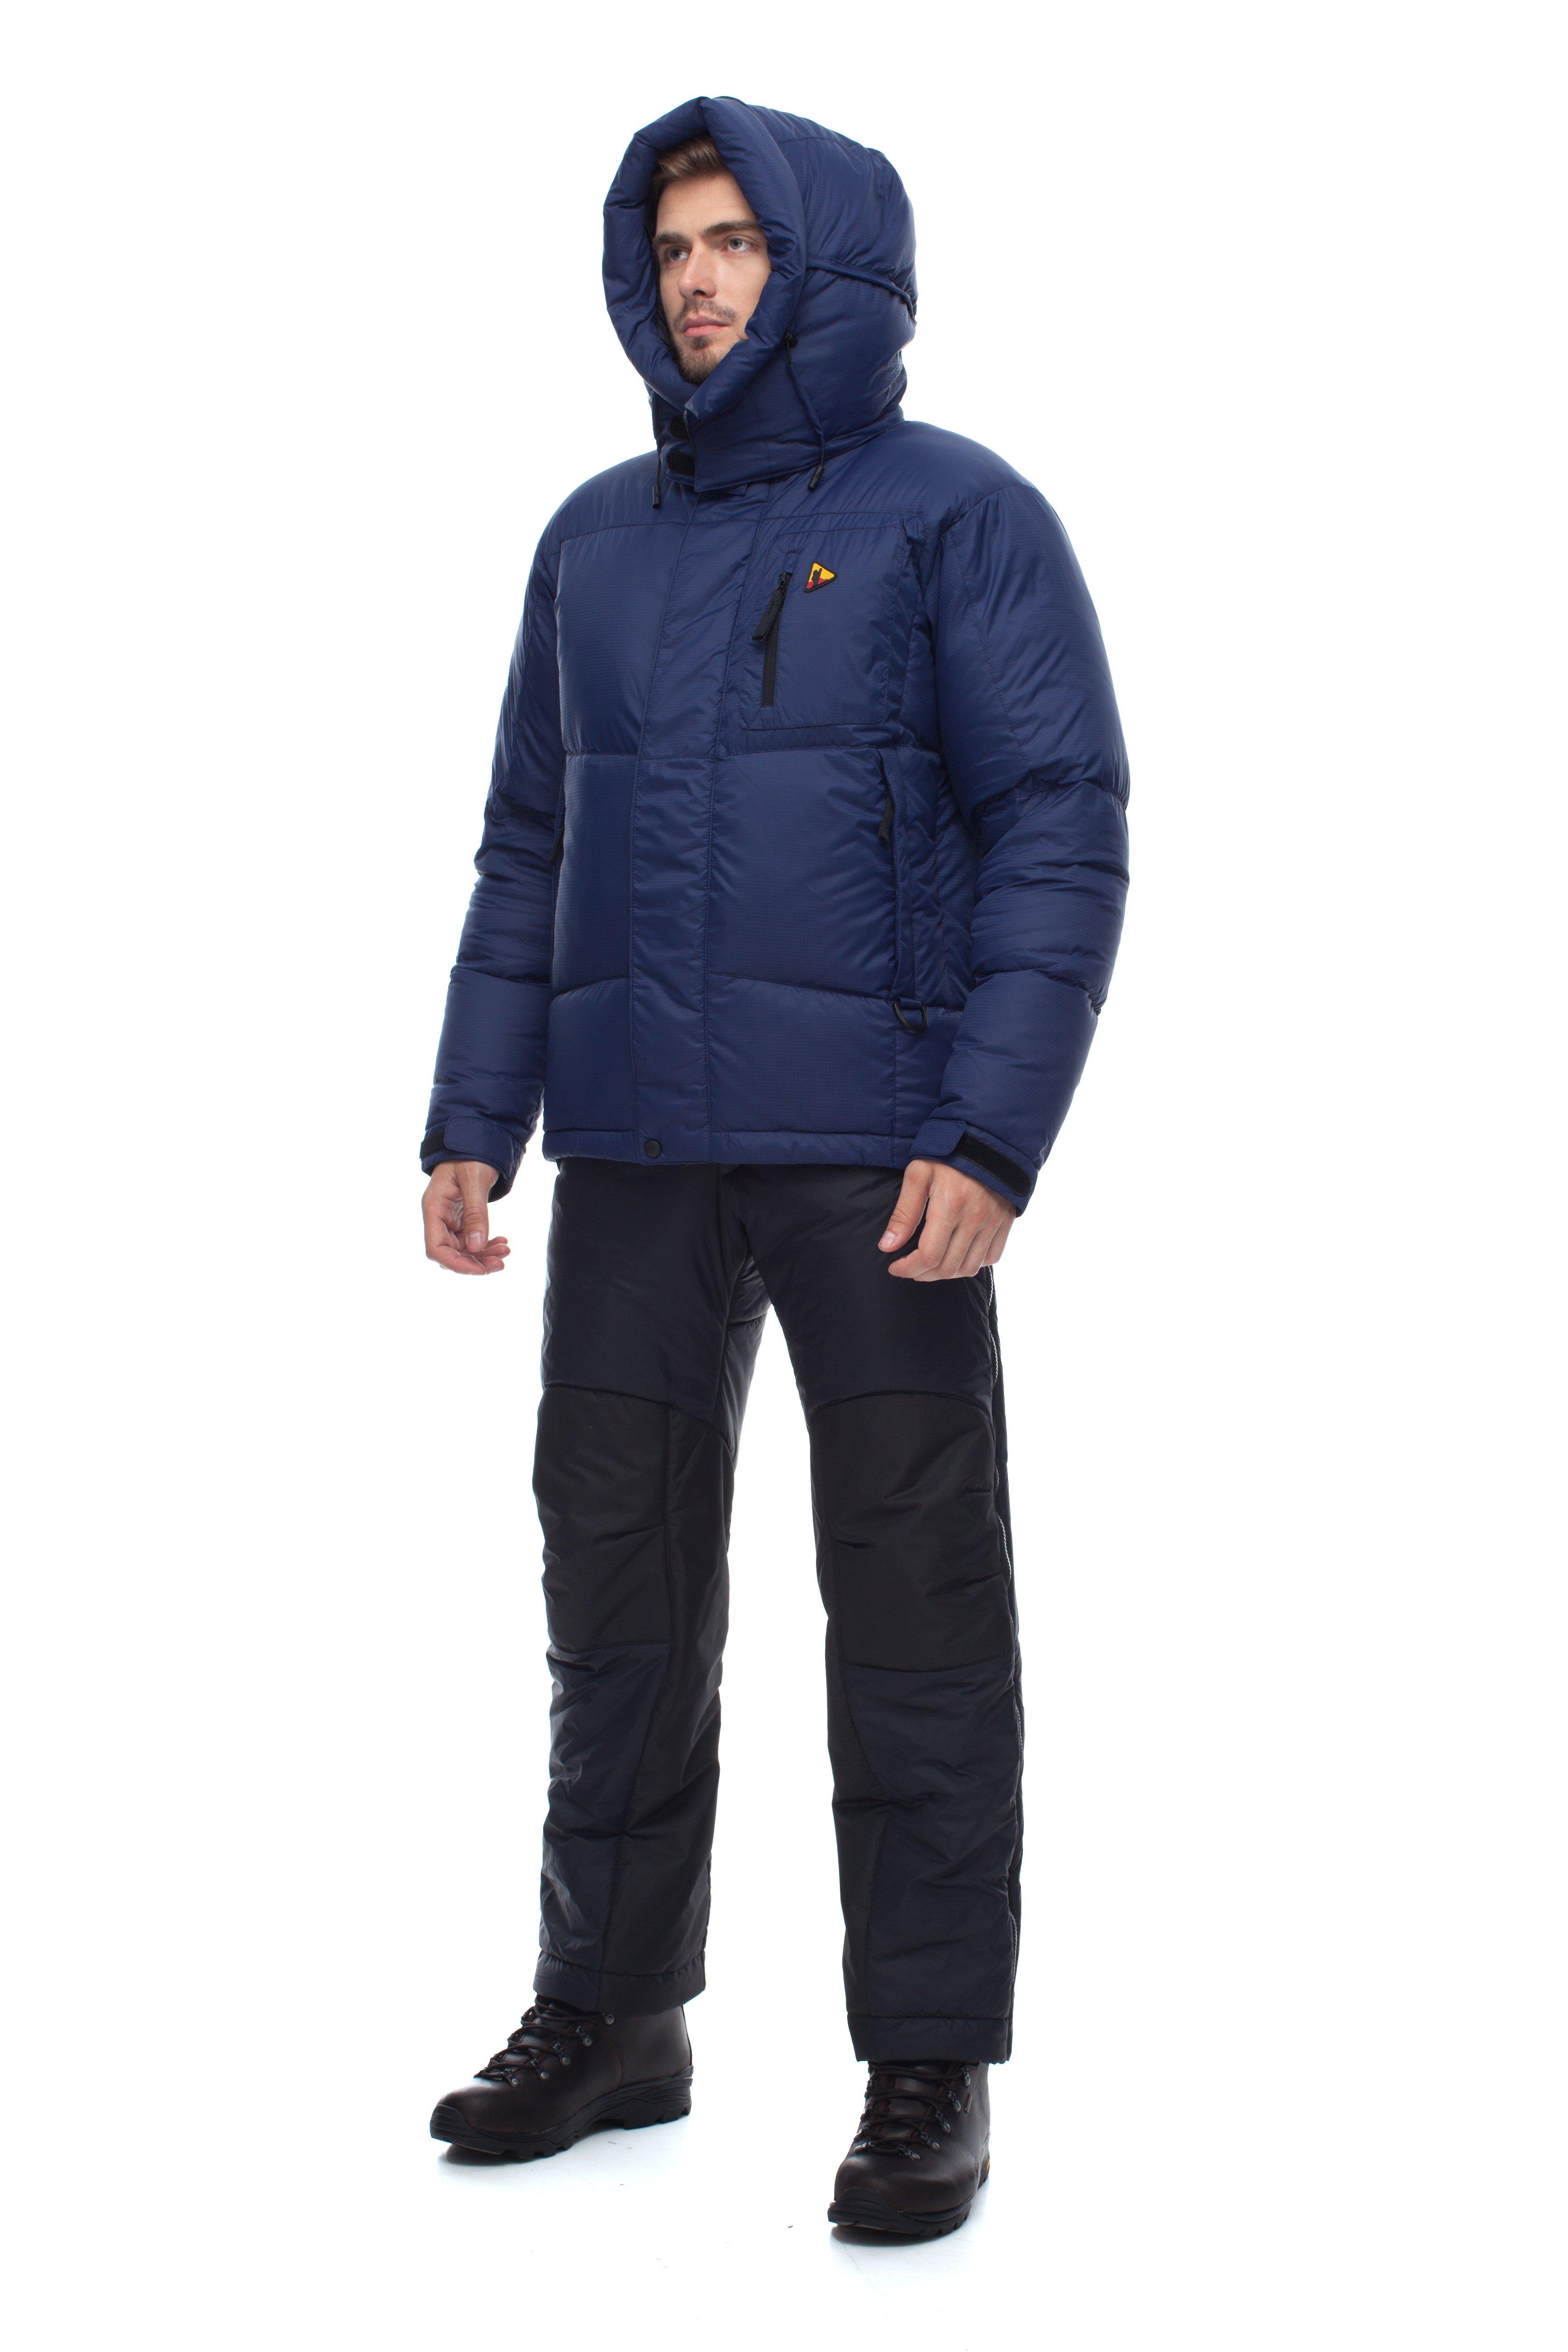 Пуховая куртка BASK HEAVEN V3 3776Лёгкая и теплая зимняя мужская пуховая куртка для экспедиций и города.<br><br>Верхняя ткань: Advance® Ecliptic<br>Вес граммы: 870<br>Вес утеплителя: 280<br>Ветро-влагозащитные свойства верхней ткани: Нет<br>Ветрозащитная планка: Да<br>Ветрозащитная юбка: Нет<br>Влагозащитные молнии: Нет<br>Внутренние манжеты: Нет<br>Внутренняя ткань: Advance® Classic<br>Водонепроницаемость: 1000<br>Дублирующий центральную молнию клапан: Да<br>Защитный козырёк капюшона: Нет<br>Капюшон: съемный<br>Карман для средств связи: Да<br>Количество внешних карманов: 3<br>Количество внутренних карманов: 2<br>Коллекция: OUTDOOR SPIRIT ADVENTURE TEAM<br>Мембрана: Advance MPC<br>Объемный крой локтевой зоны: Нет<br>Отстёгивающиеся рукава: Нет<br>Паропроницаемость: 7000<br>Показатель Fill Power (для пуховых изделий): 670<br>Пол: Муж.<br>Проклейка швов: Нет<br>Регулировка манжетов рукавов: Да<br>Регулировка низа: Да<br>Регулировка объёма капюшона: Да<br>Регулировка талии: Нет<br>Регулируемые вентиляционные отверстия: Нет<br>Световозвращающая лента: Нет<br>Температурный режим: -15<br>Технология Thermal Welding: Нет<br>Технология швов: простые<br>Тип молнии: двухзамковая<br>Тип утеплителя: натуральный<br>Ткань усиления: нет<br>Усиление контактных зон: Да<br>Утеплитель: гусиный пух<br>Размер RU: 52<br>Цвет: СИНИЙ